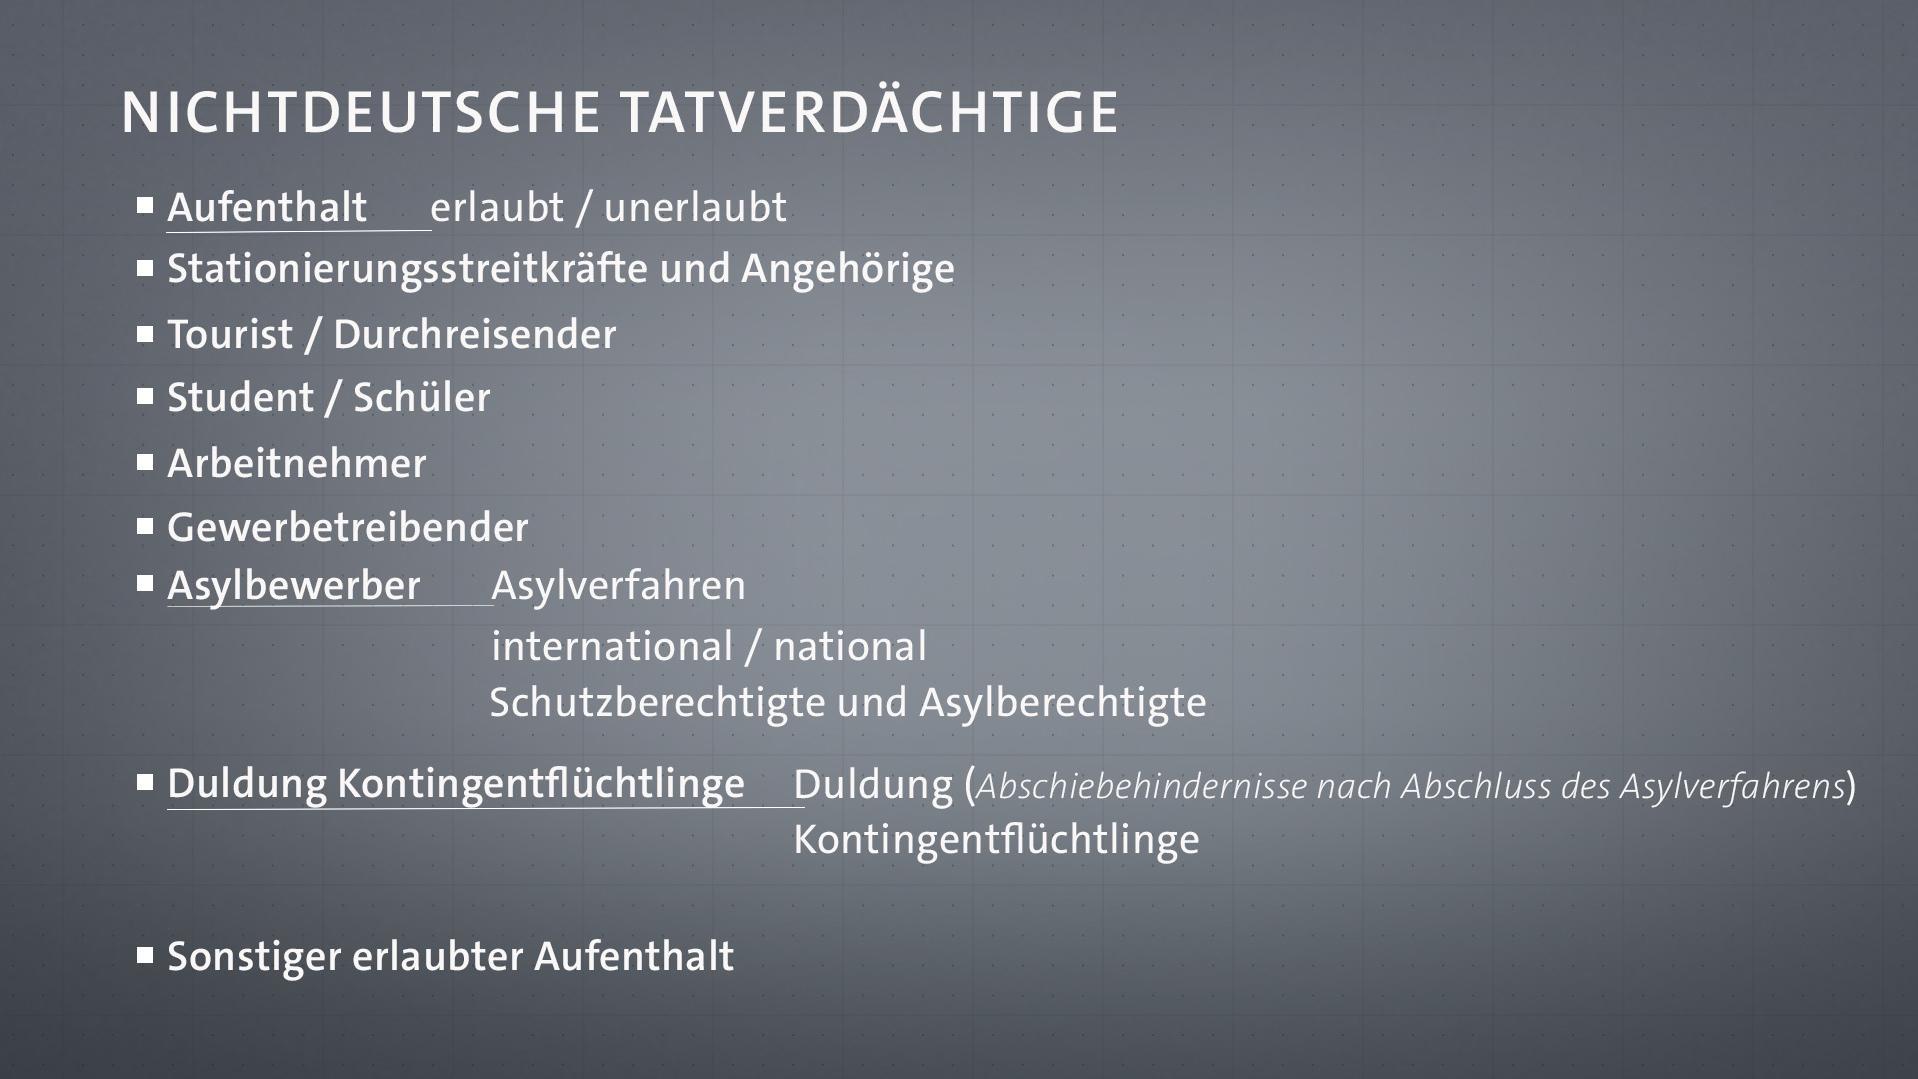 So schlüsselt die Polizeistatistik nichtdeutsche Tatverdächtige auf